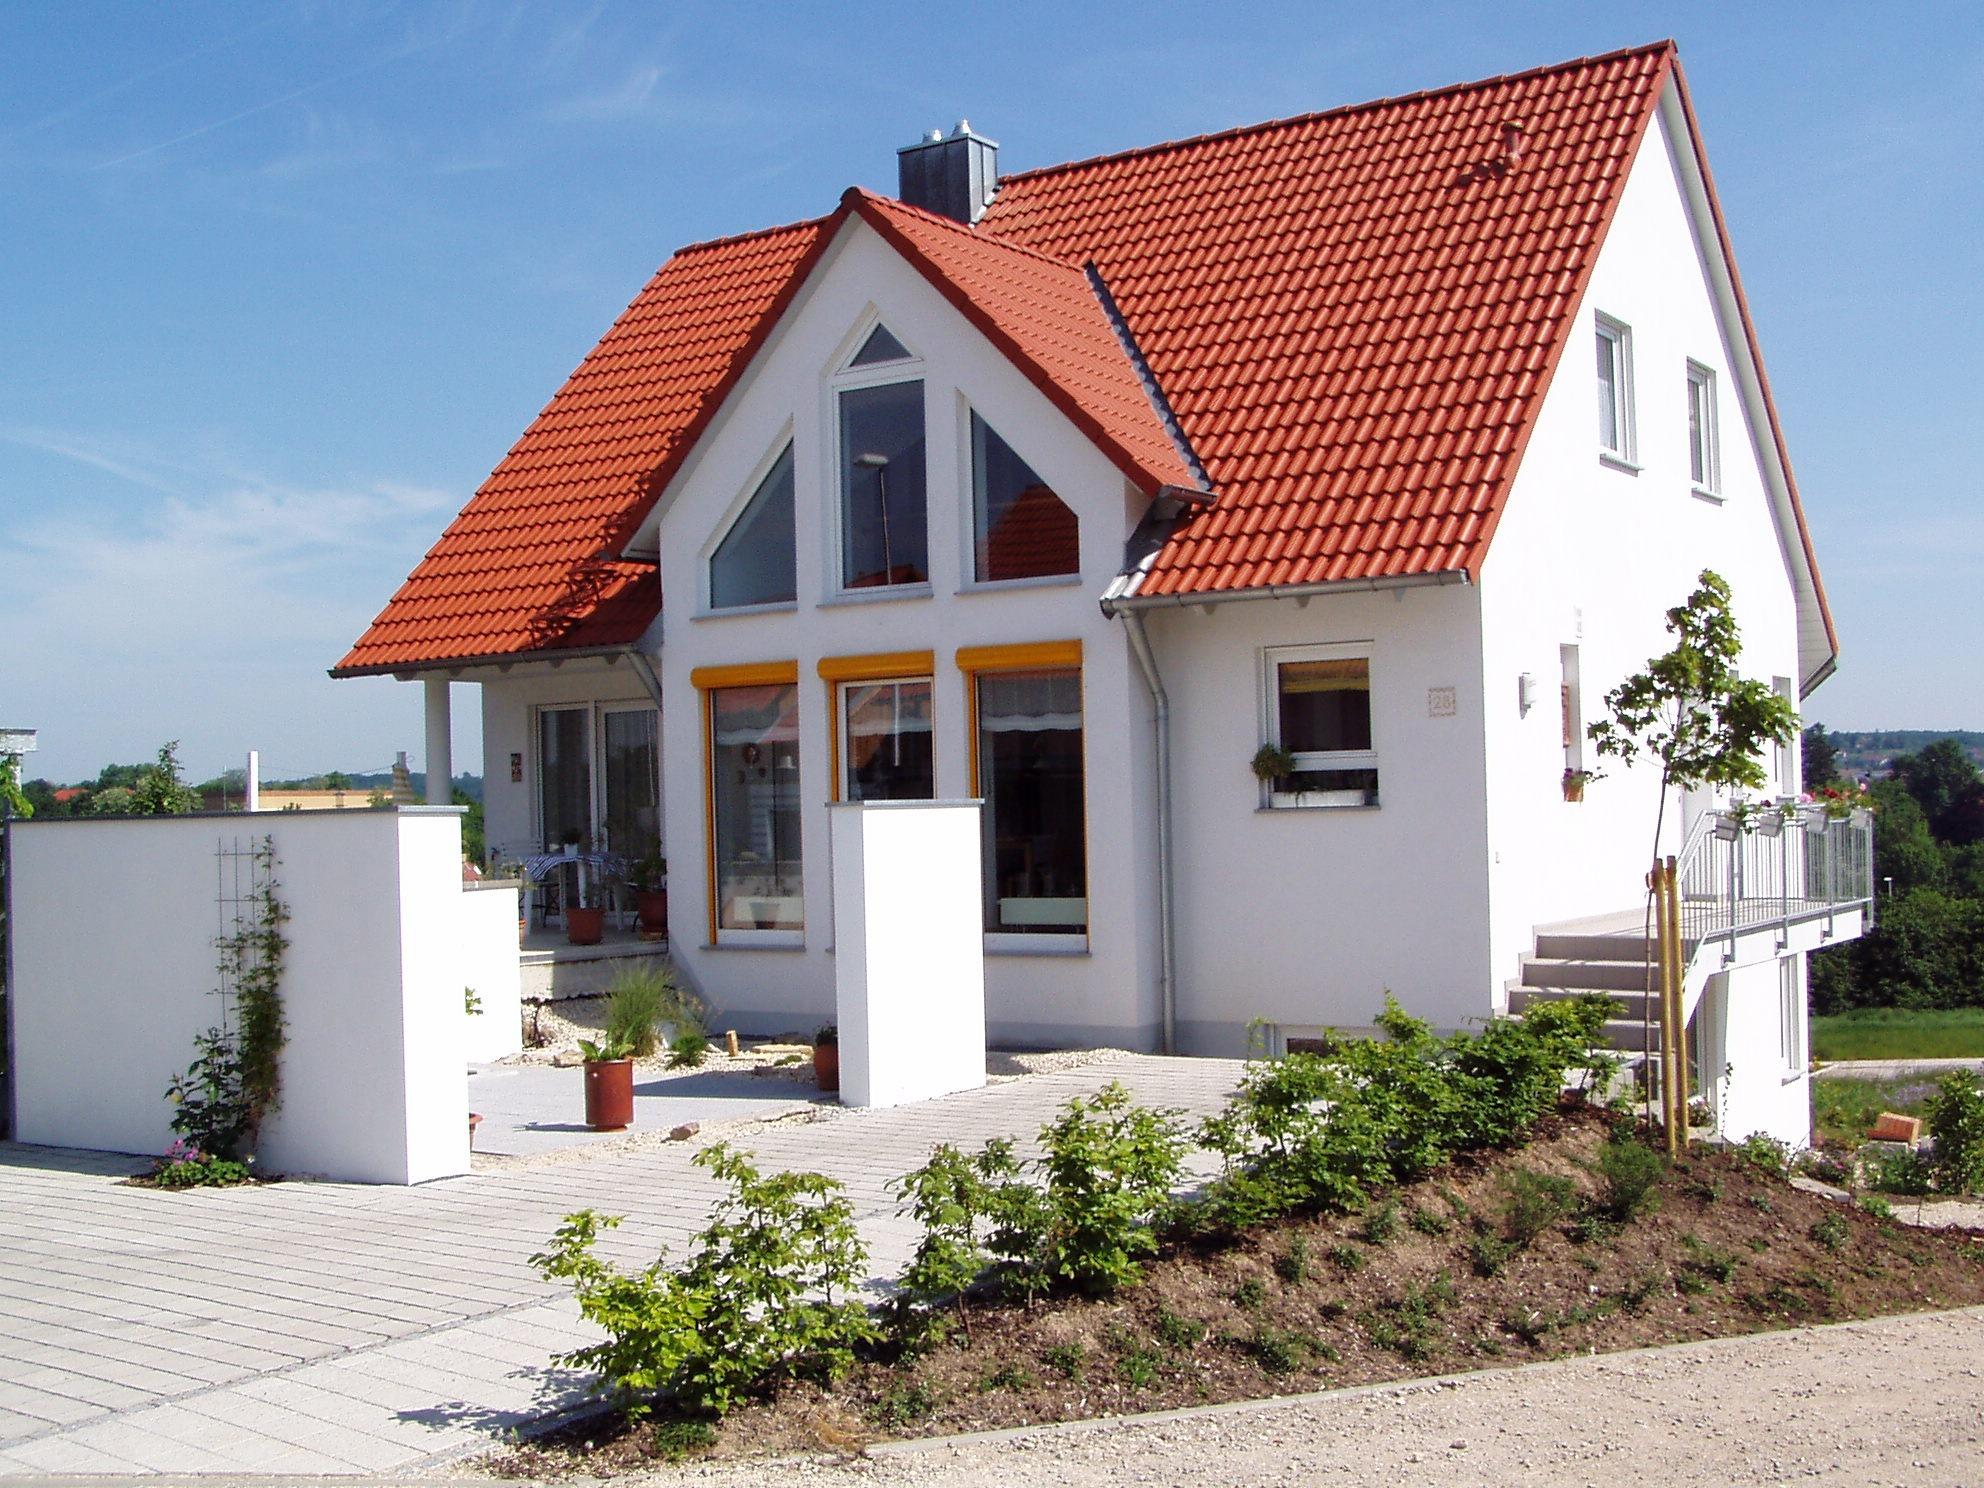 Eigen Huis Bouwen : Eigen huis bouwen